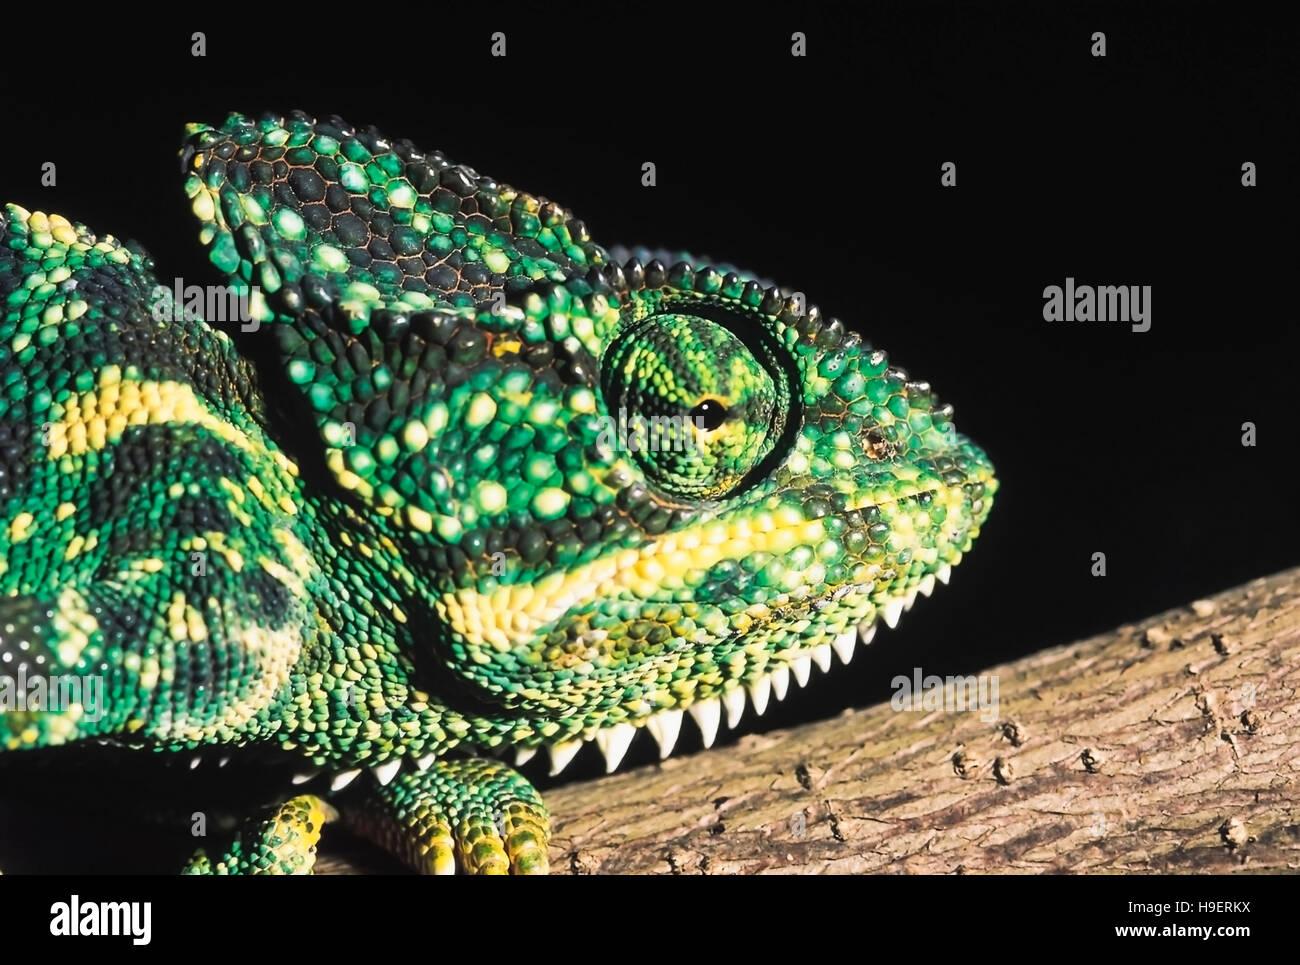 Chamaeleon Zeylanicus. Indian chameleon, Chamaeleon head. Maharashtra, India. - Stock Image